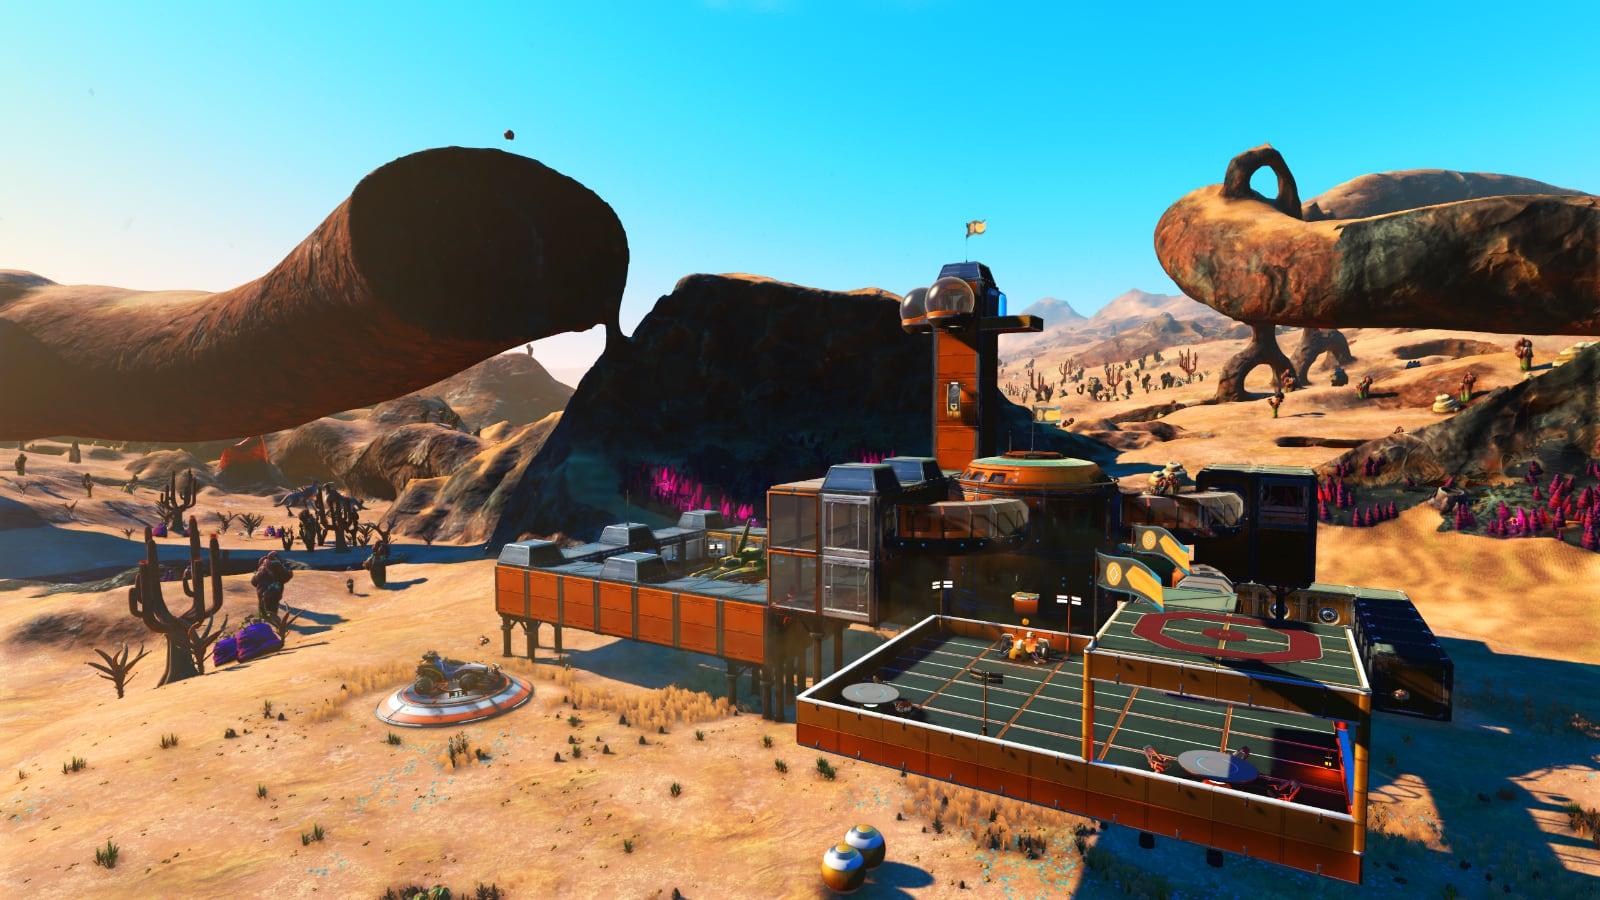 Desert Base from Atlas Rises